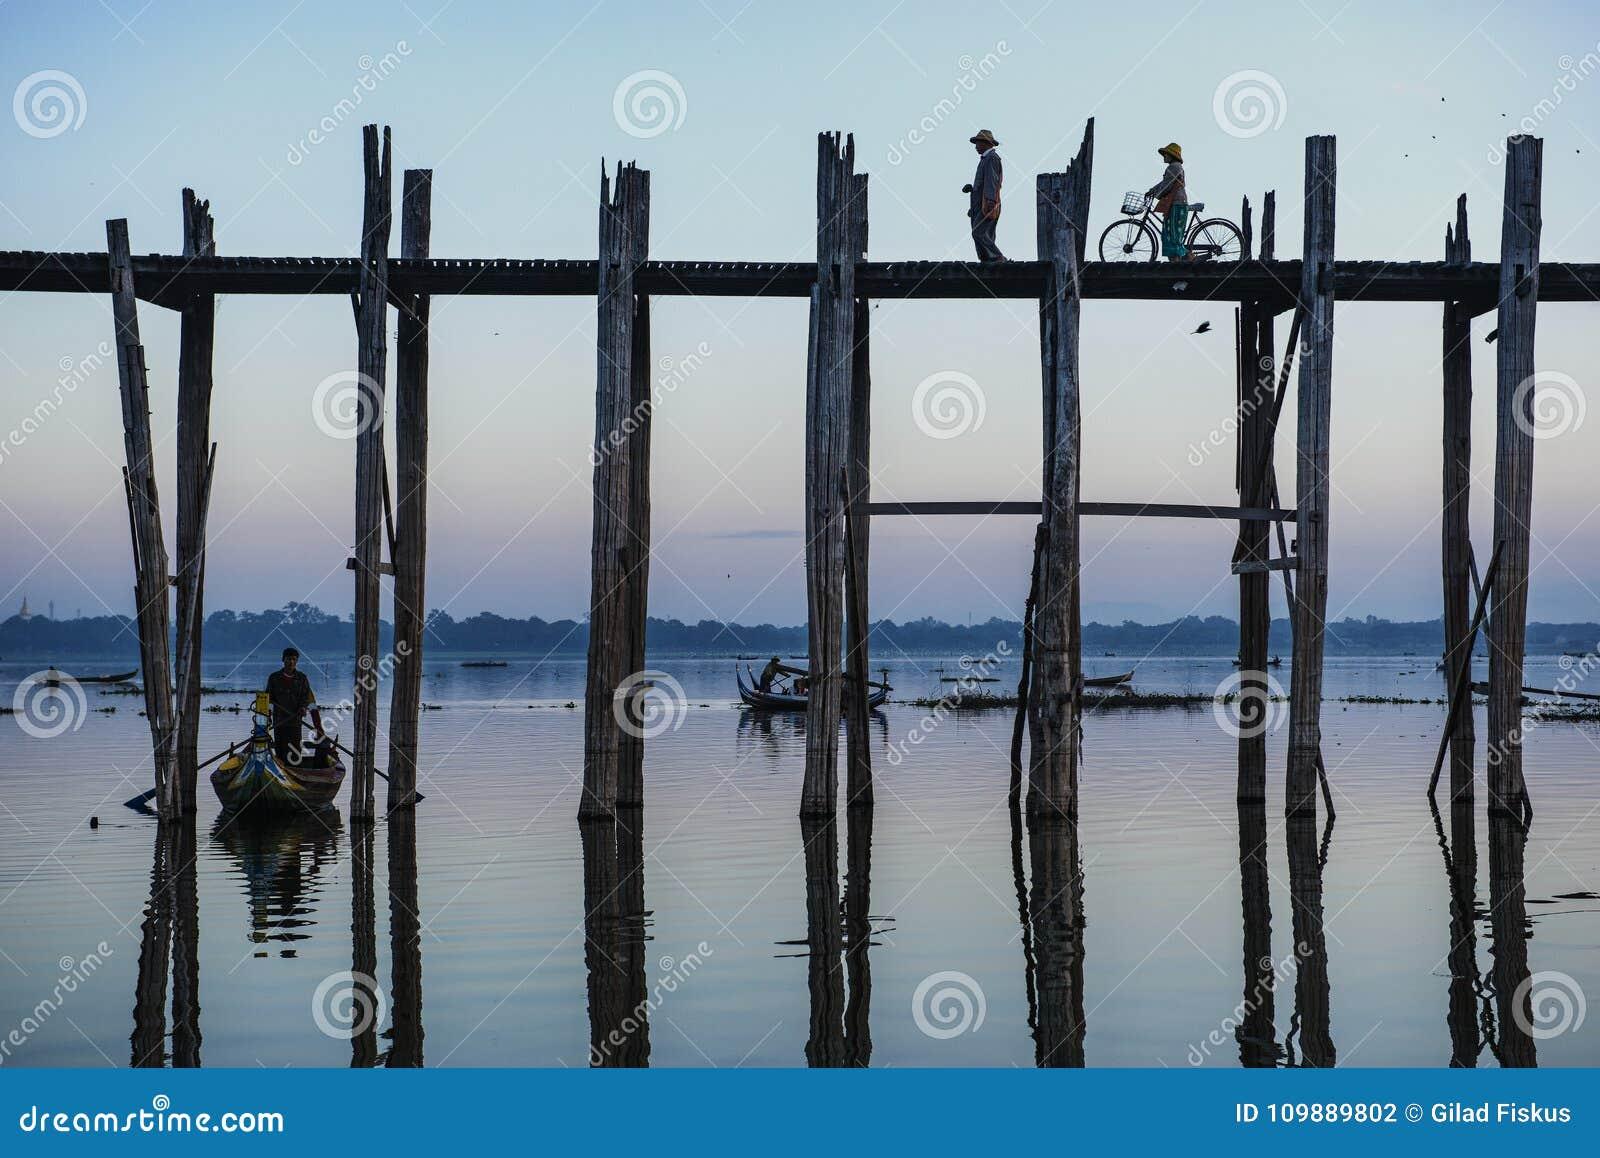 U Bein bridgebelieved para ser el puente más largo del teakwood del mundo